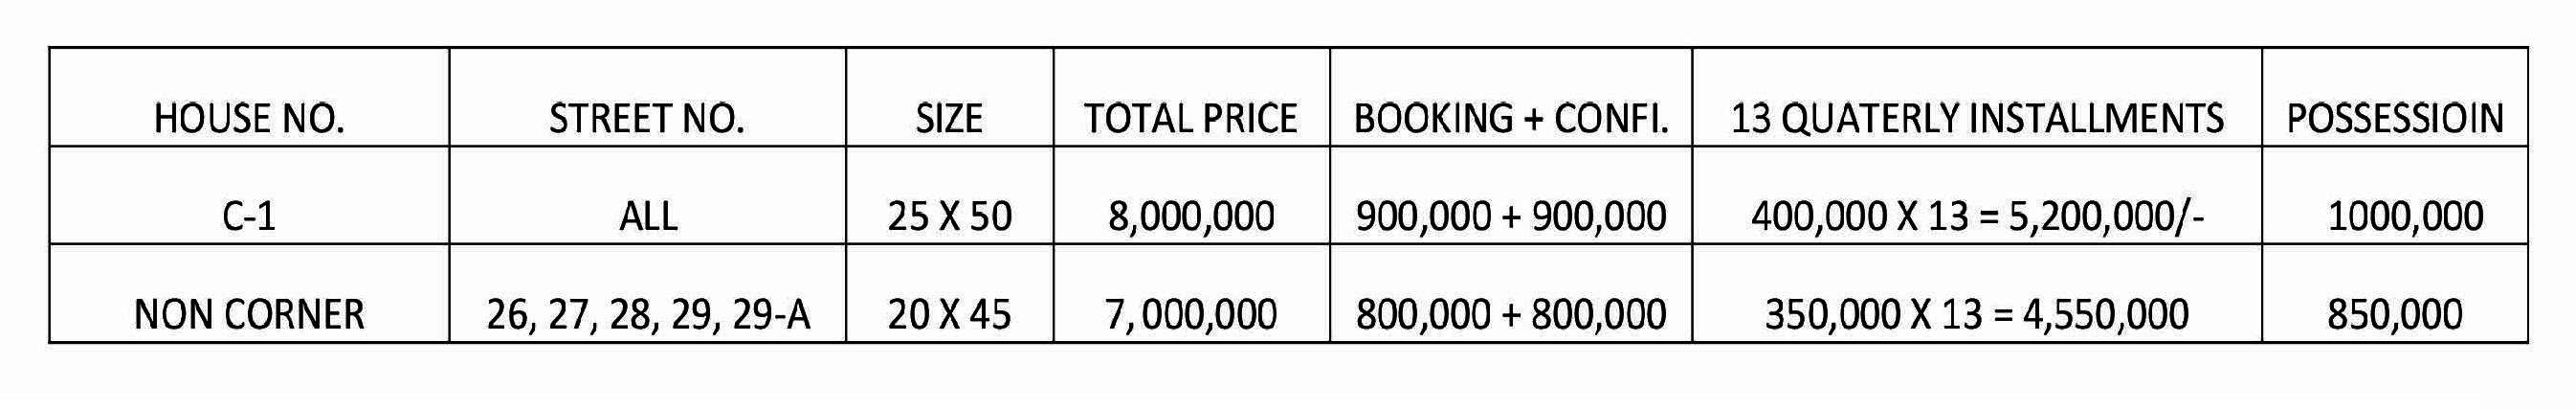 Capital Villas-Payment Plans